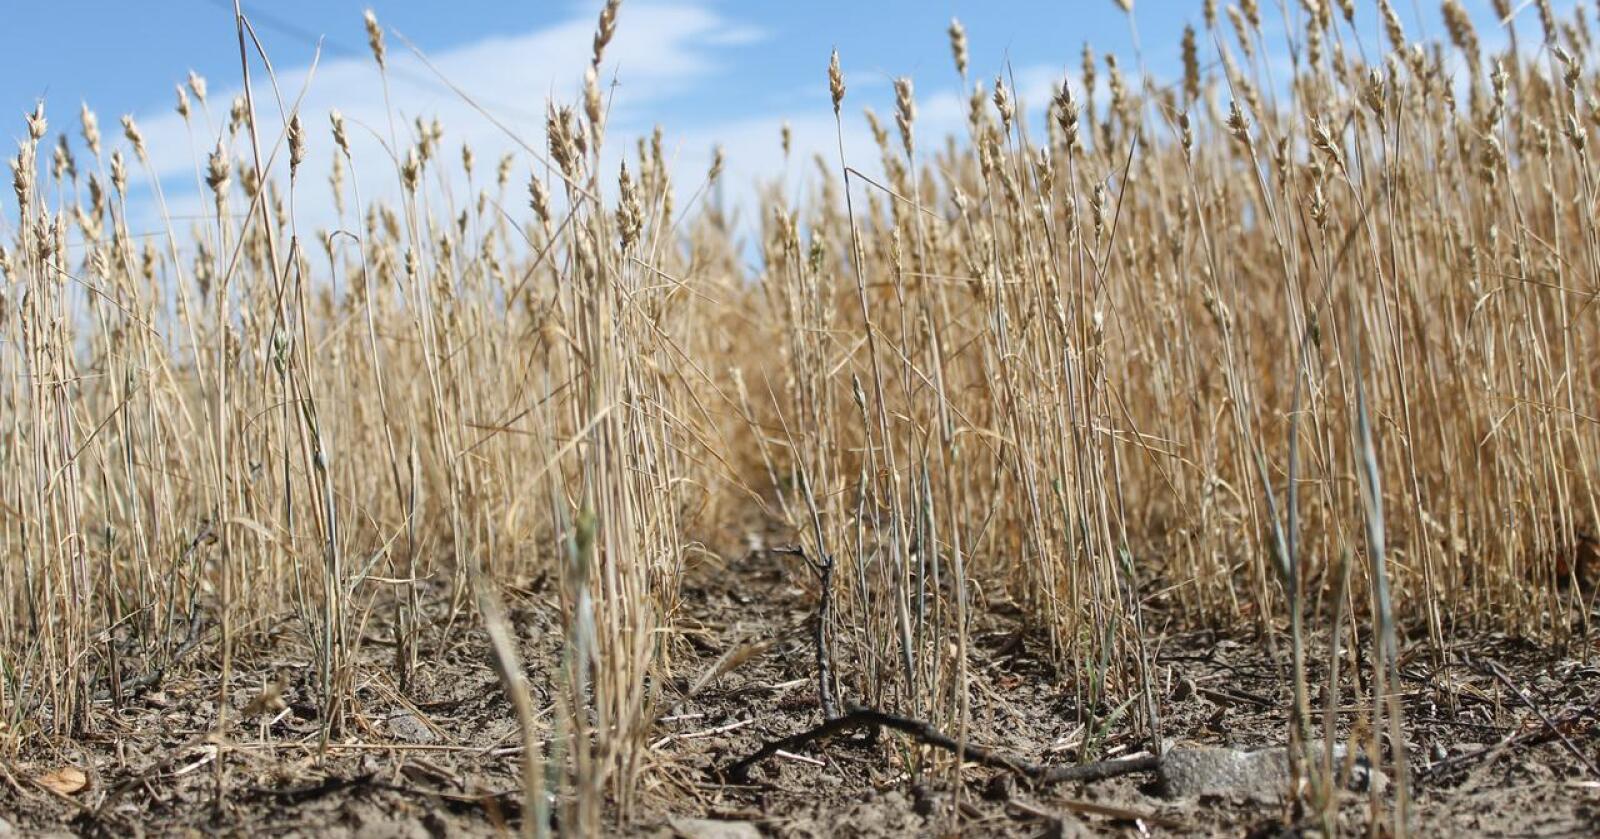 Ifølge en ny studie kan så mange som 500 millioner mennesker bli rammet av ekstrem tørke i 2100.  Her er illustrasjonsbilde fra en norsk kornåker i 2018. Foto: Marit Glærum